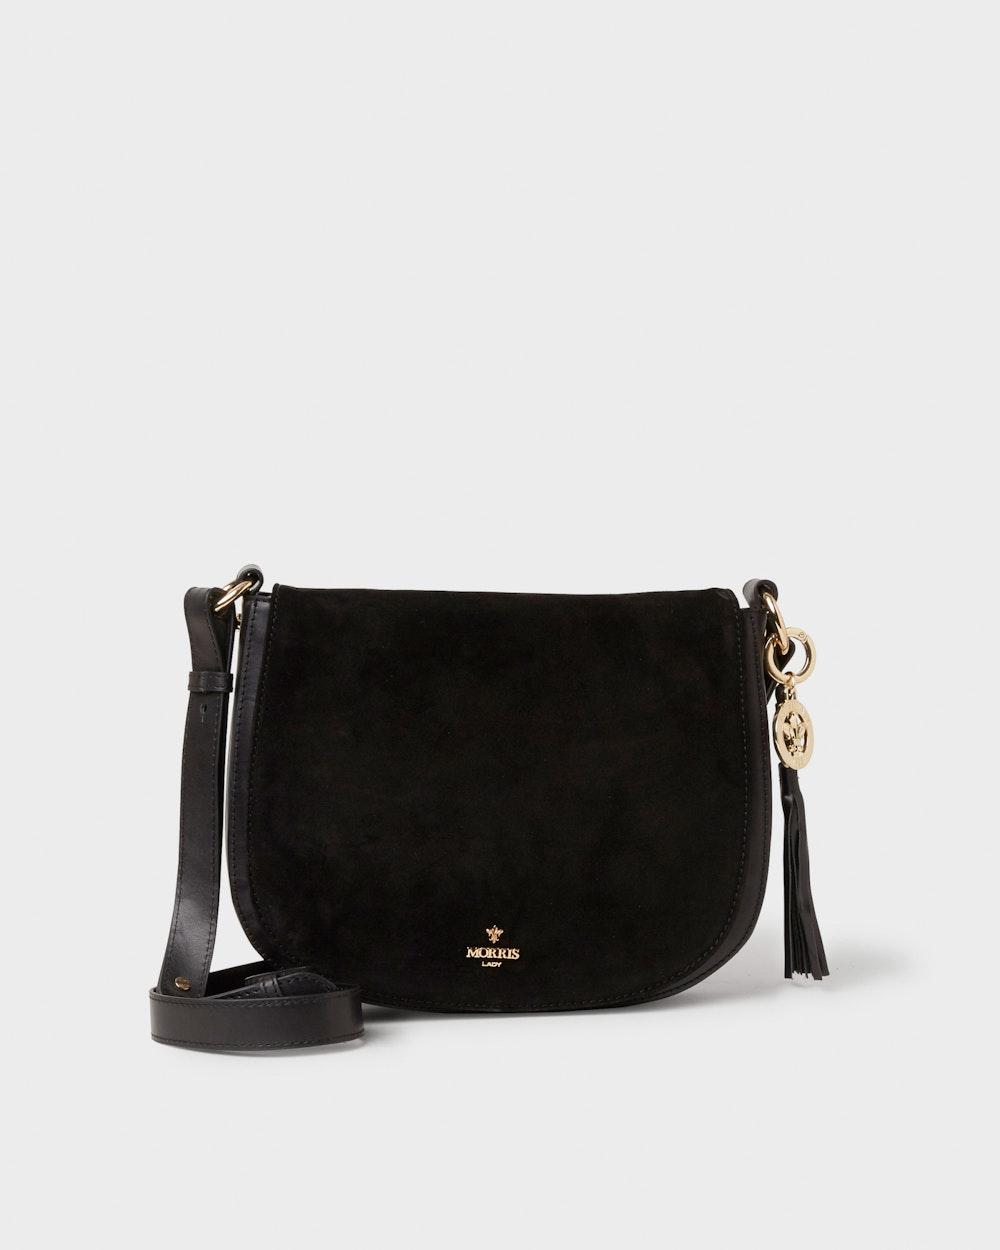 Katharine shoulder bag Black Morris